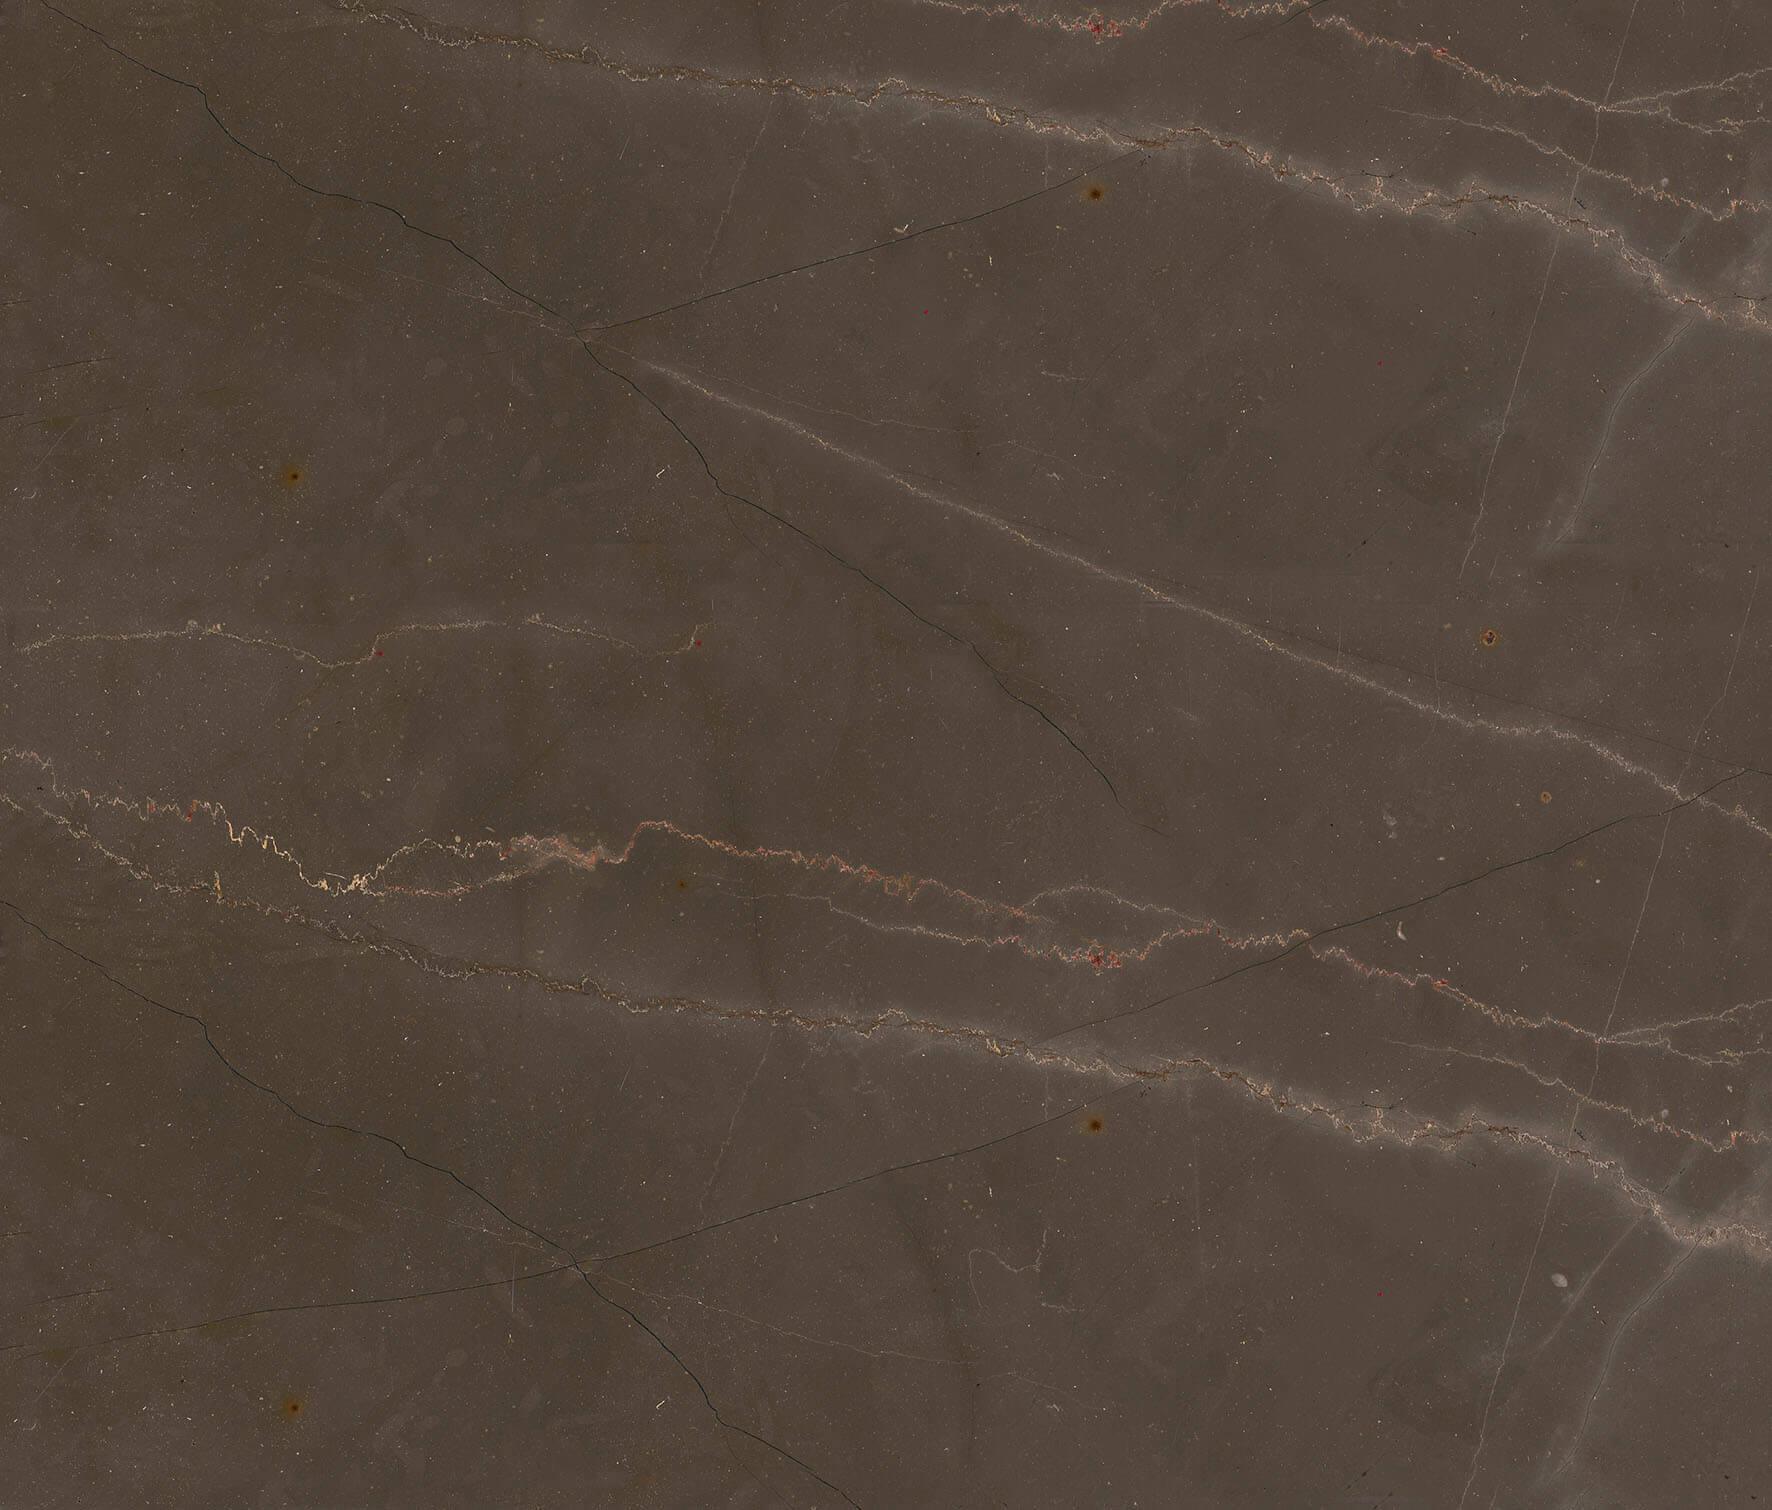 Bronze Amani Dieser wertvolle und elegante Naturstein kommt aus Spanien. Dank der warmen und einladenden Töne, die an Bronze erinnern, werden die Zimmer einladend und bezaubernd. Aufgrund seiner Tiefe und dreidimensionalen Eigenschaften, die sich aus der Verschachtelung verschiedener Farbnuancen ergeben, ist es aufgrund seiner Raffinesse und Eleganz eine besonders interessante Lösung für Innenräume. Es zeigt eine entschiedene Persönlichkeit und ist gleichzeitig weich, einladend und raffiniert und kann durch die Natürlichkeit der Farben, die die Natur ihm gegeben hat, die Freude des täglichen Lebens vermitteln.